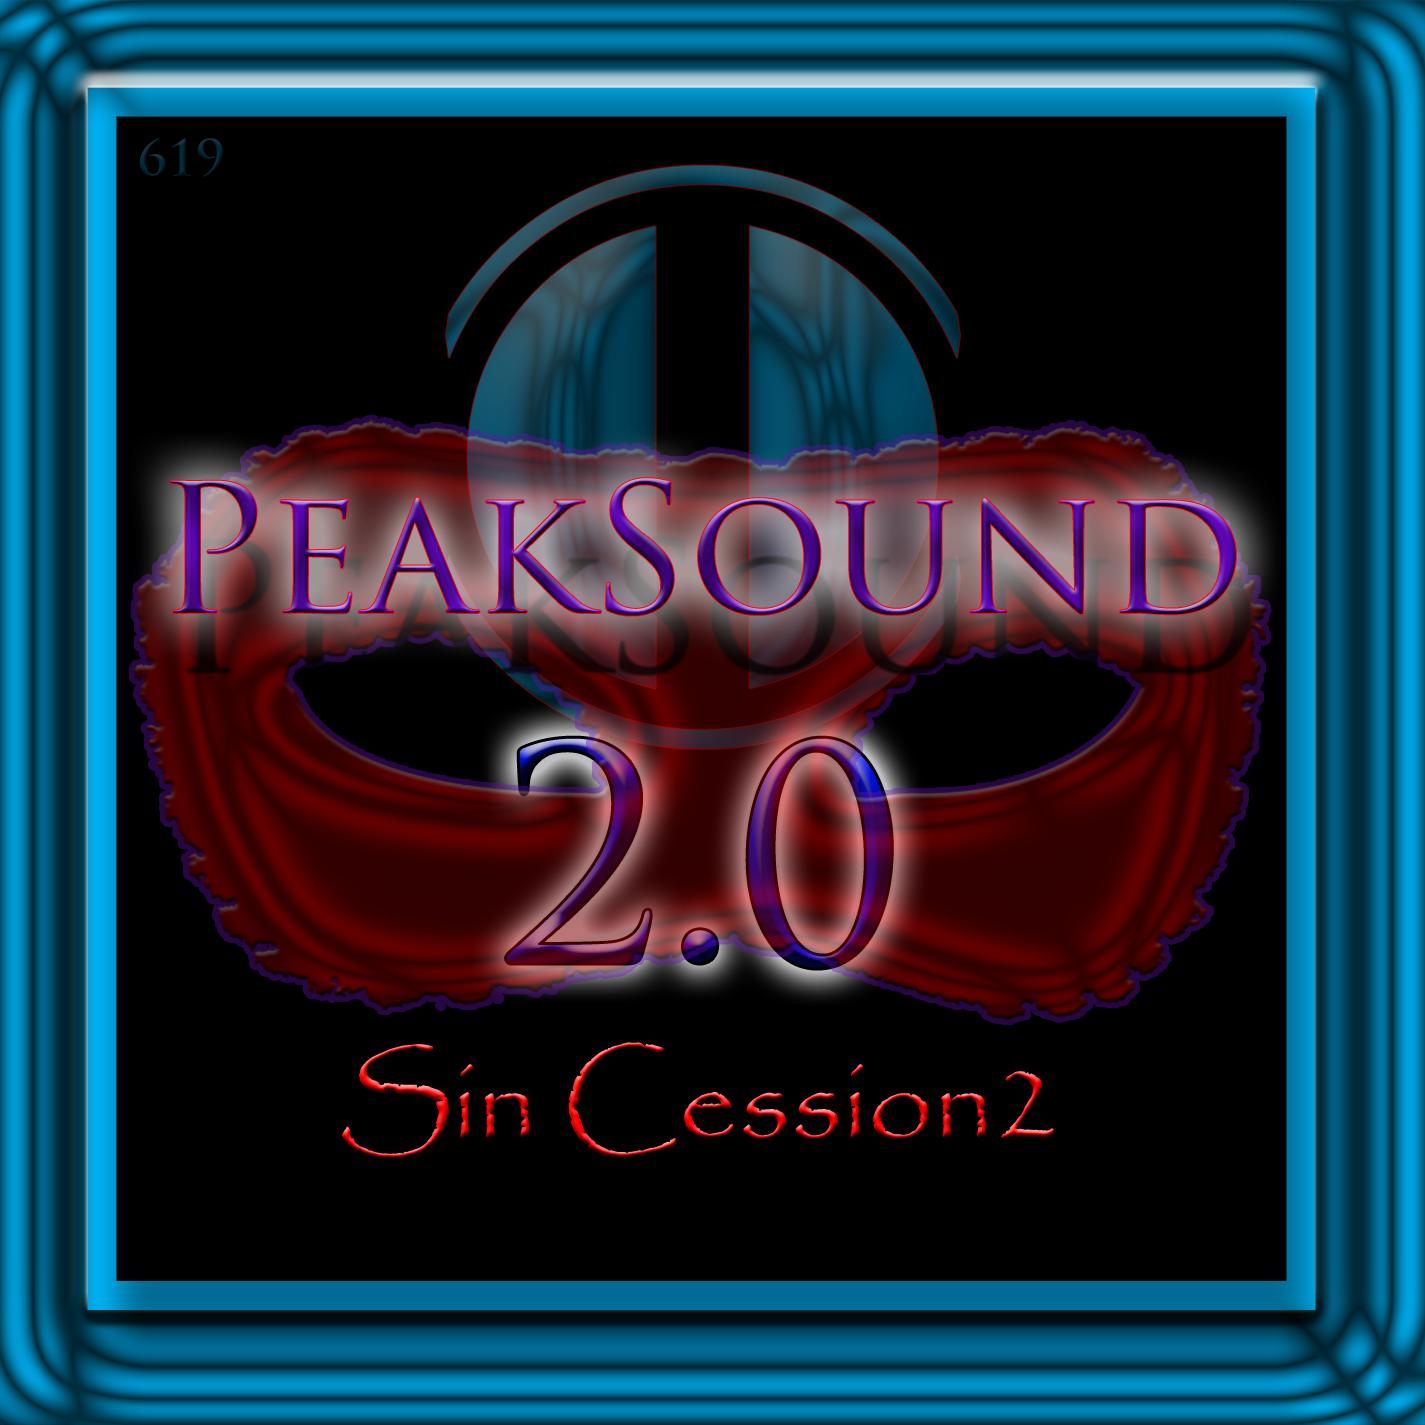 PeakSound 2.0 (Sin Cession2)